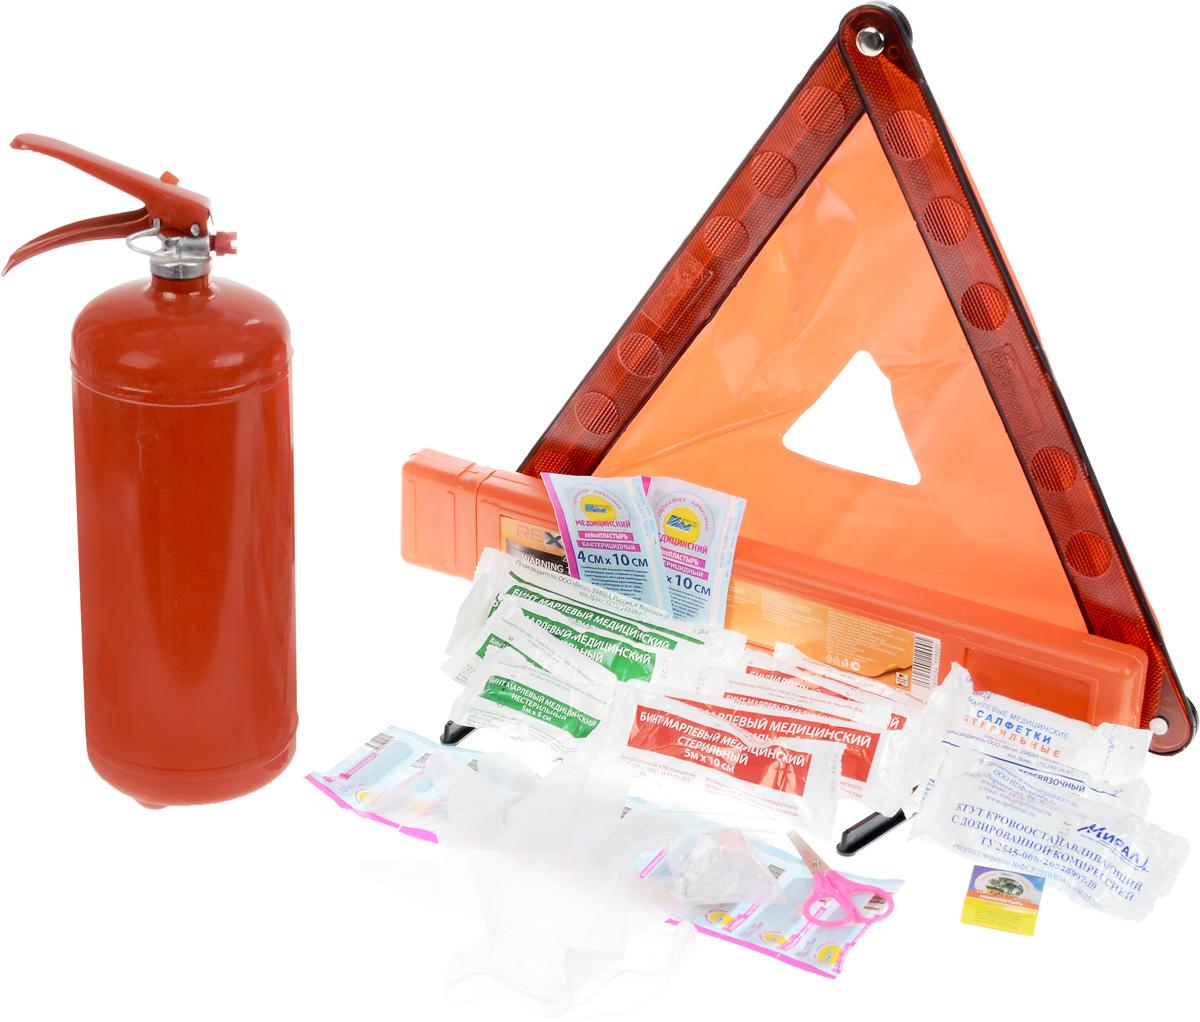 Набор аварийный REXXON Техосмотр Standard 21-07-1-1-0Состав: Сумка для хранения (водонепроницаемая) огнетушитель ОП-2 Аптечка в Zip-пакете по Приказу Знак аварийной остановки